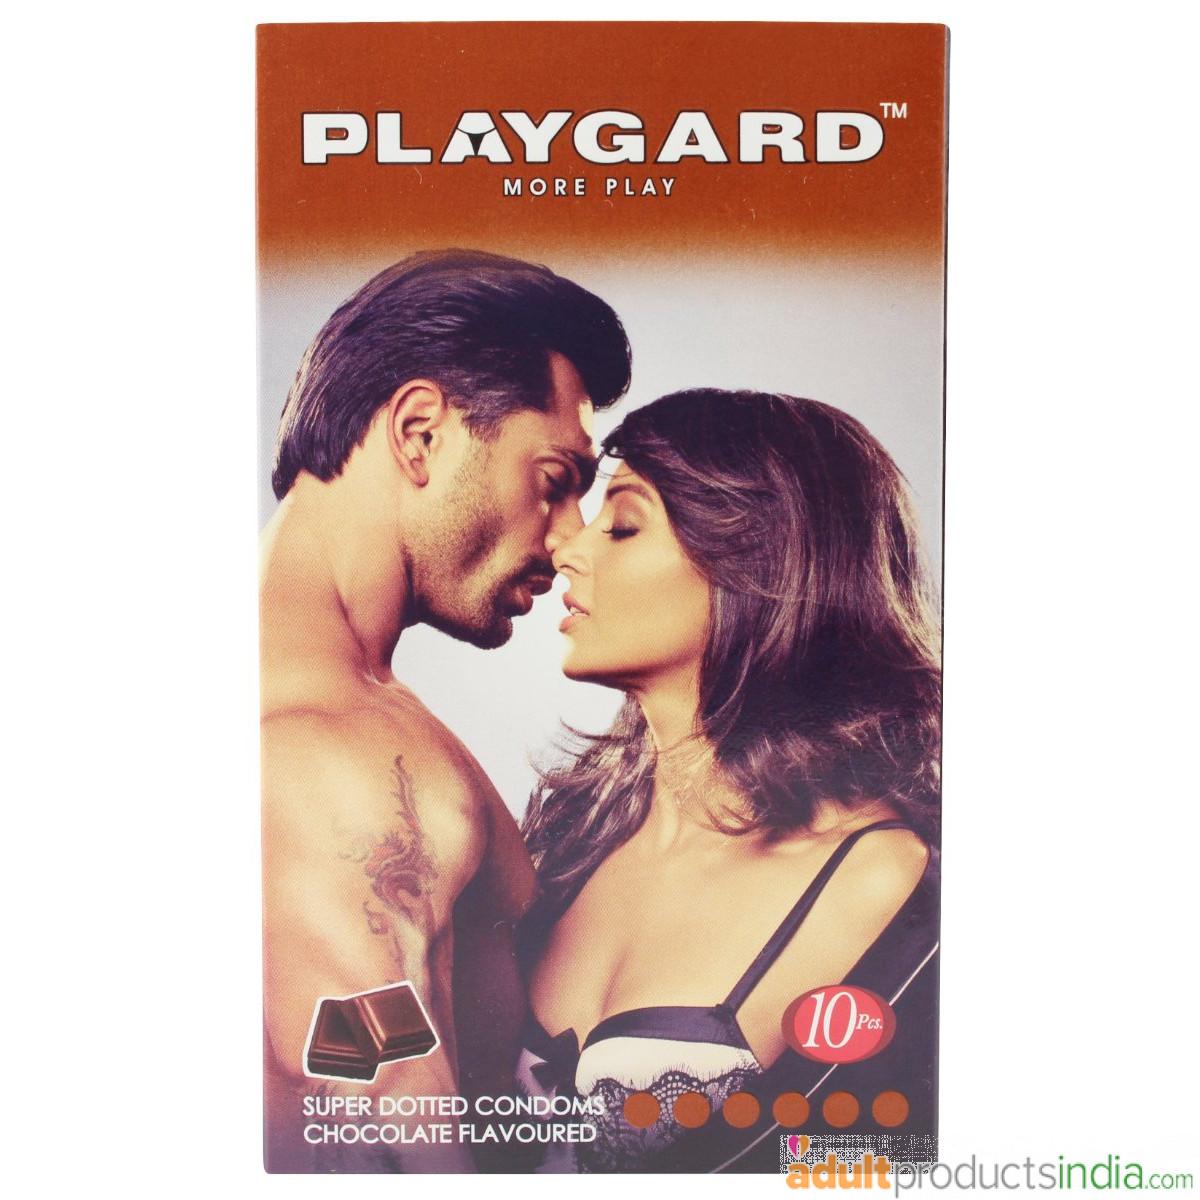 Playgard Chocolate 10 pack